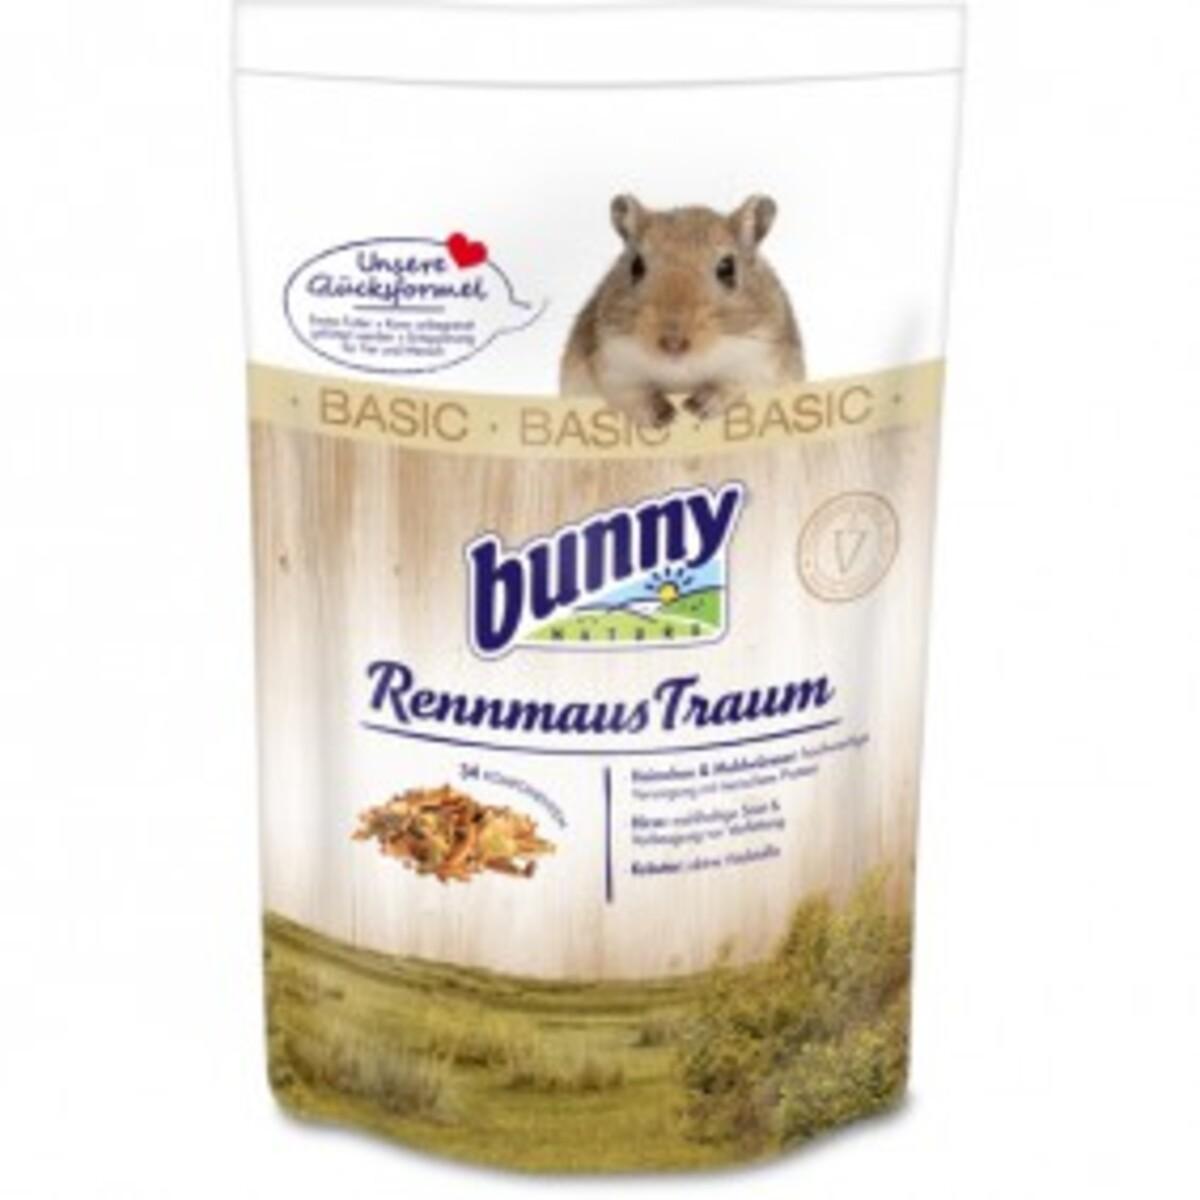 Bild 3 von Bunny RennmausTraum basic 4kg